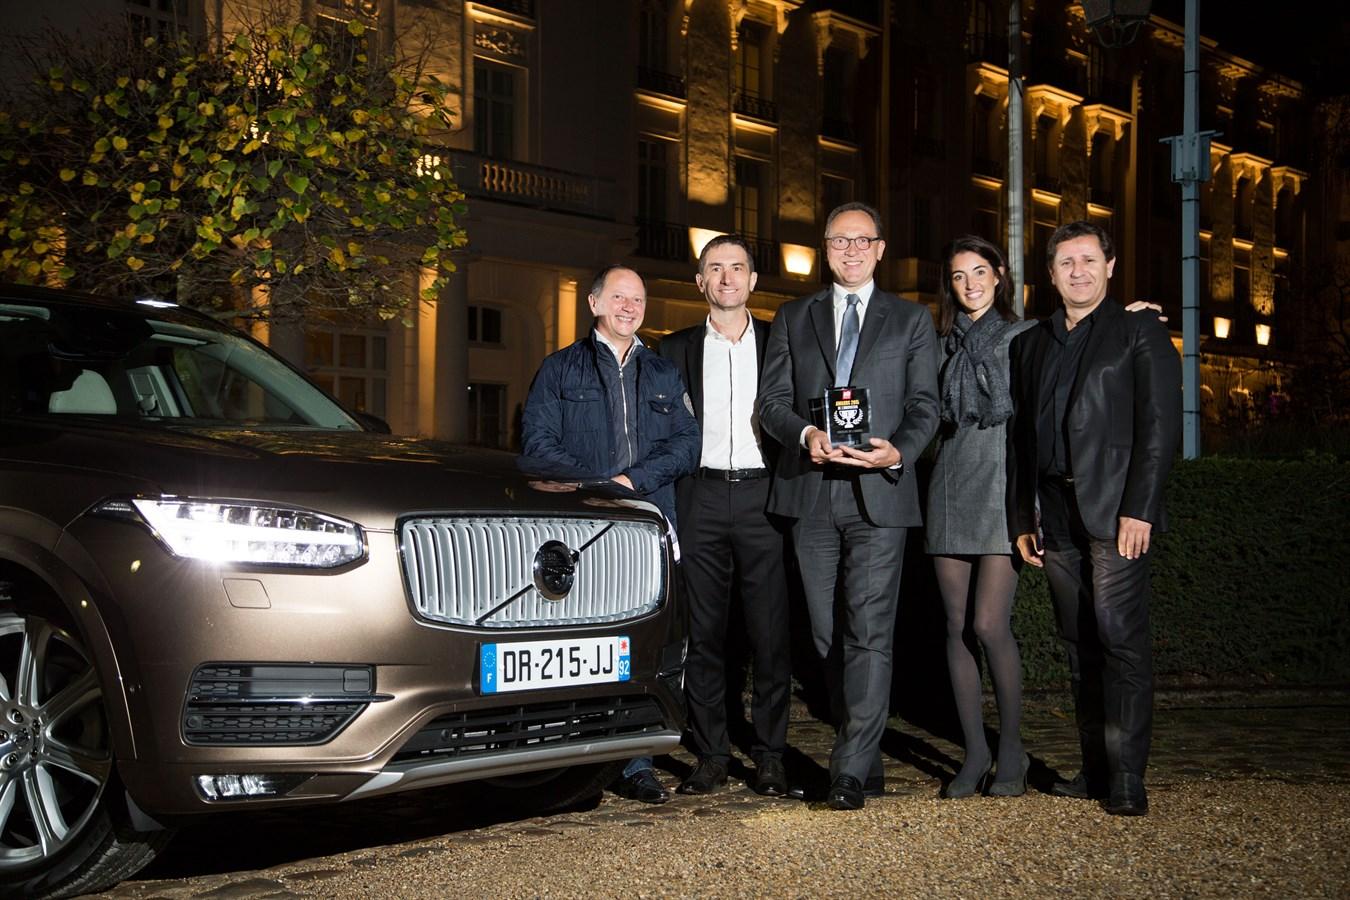 LE TOUT NOUVEAU VOLVO XC90 ELU VOITURE DE L'ANNEE 2015 AUX AWARDS DE L'INNOVATION DU MAGAZINE AUTO MOTO